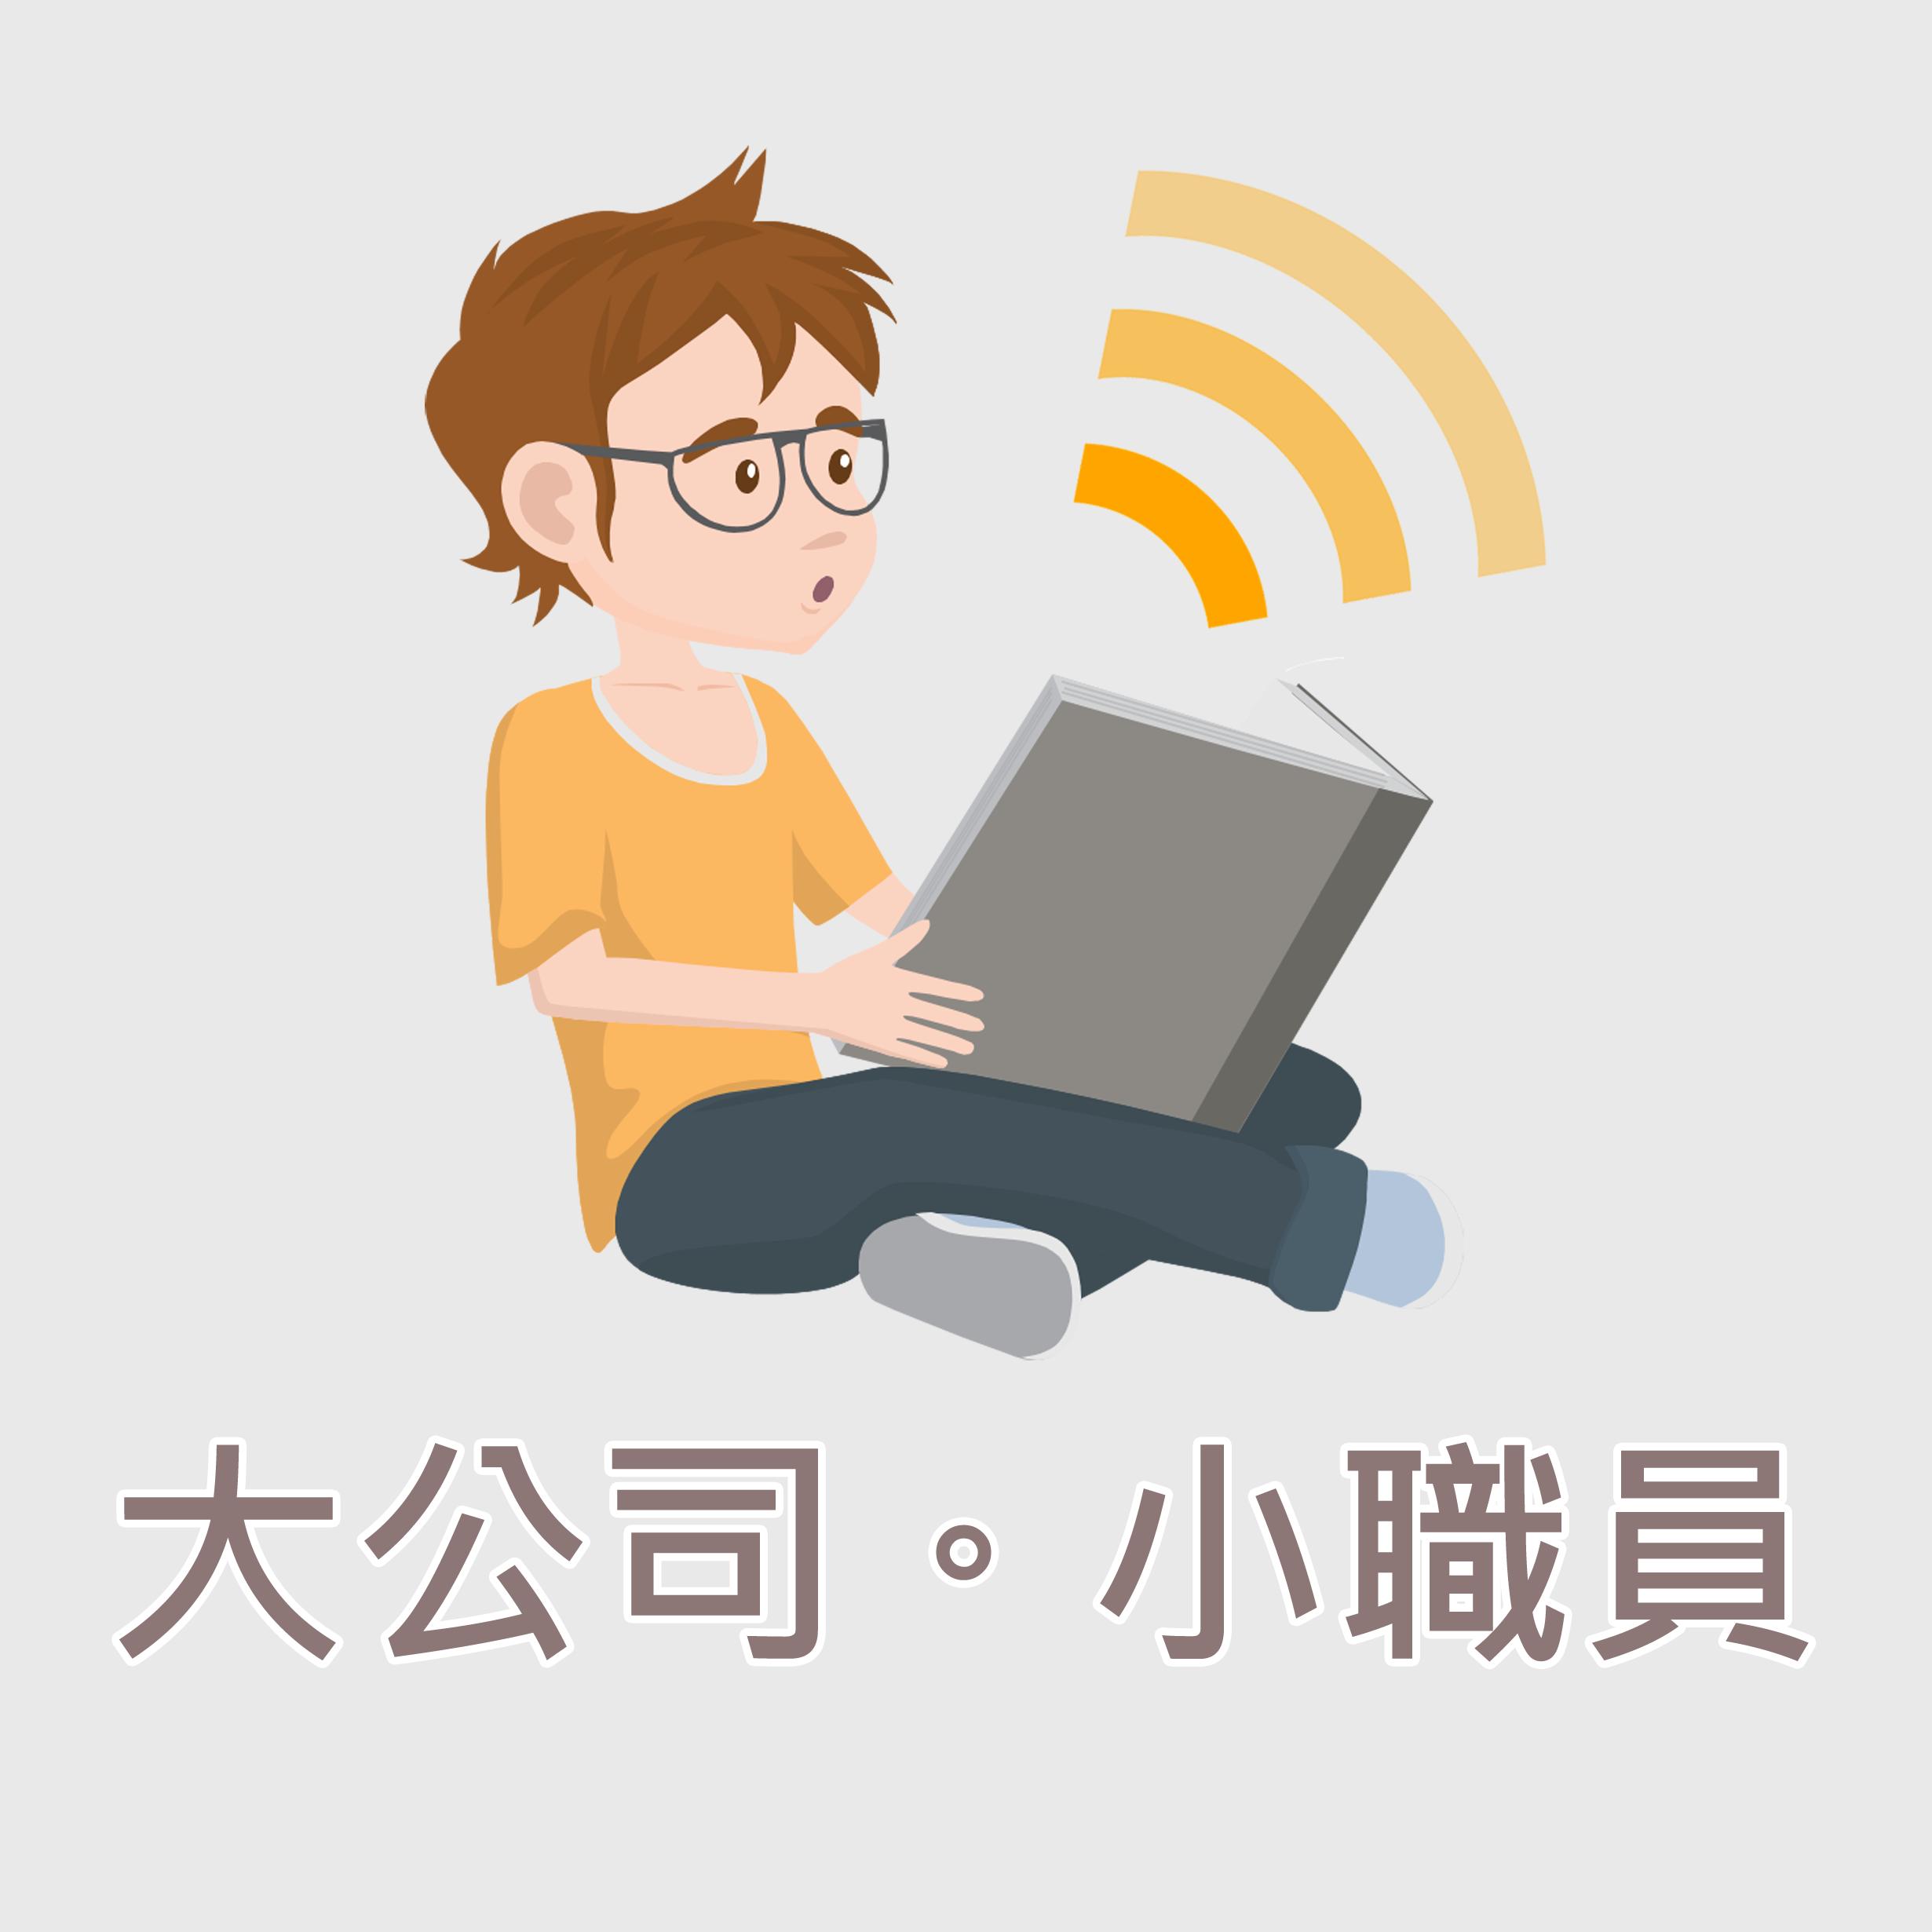 【大公司小職員】EP23- 新鮮人第一份工作,究竟要選擇大企業還是小公司呢?